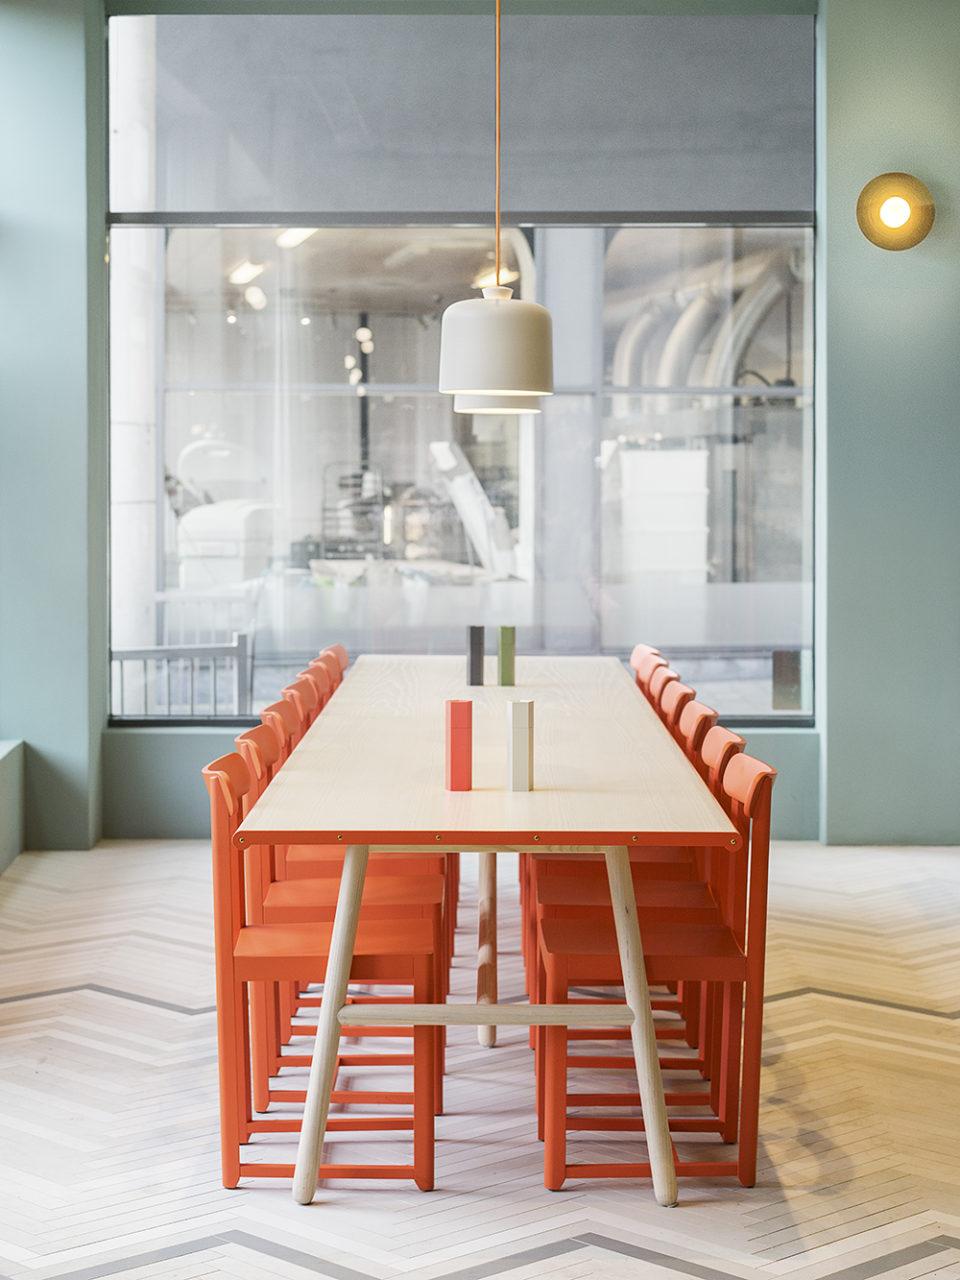 Ristorante Finefood tavolo in betulla e sedie arancioni